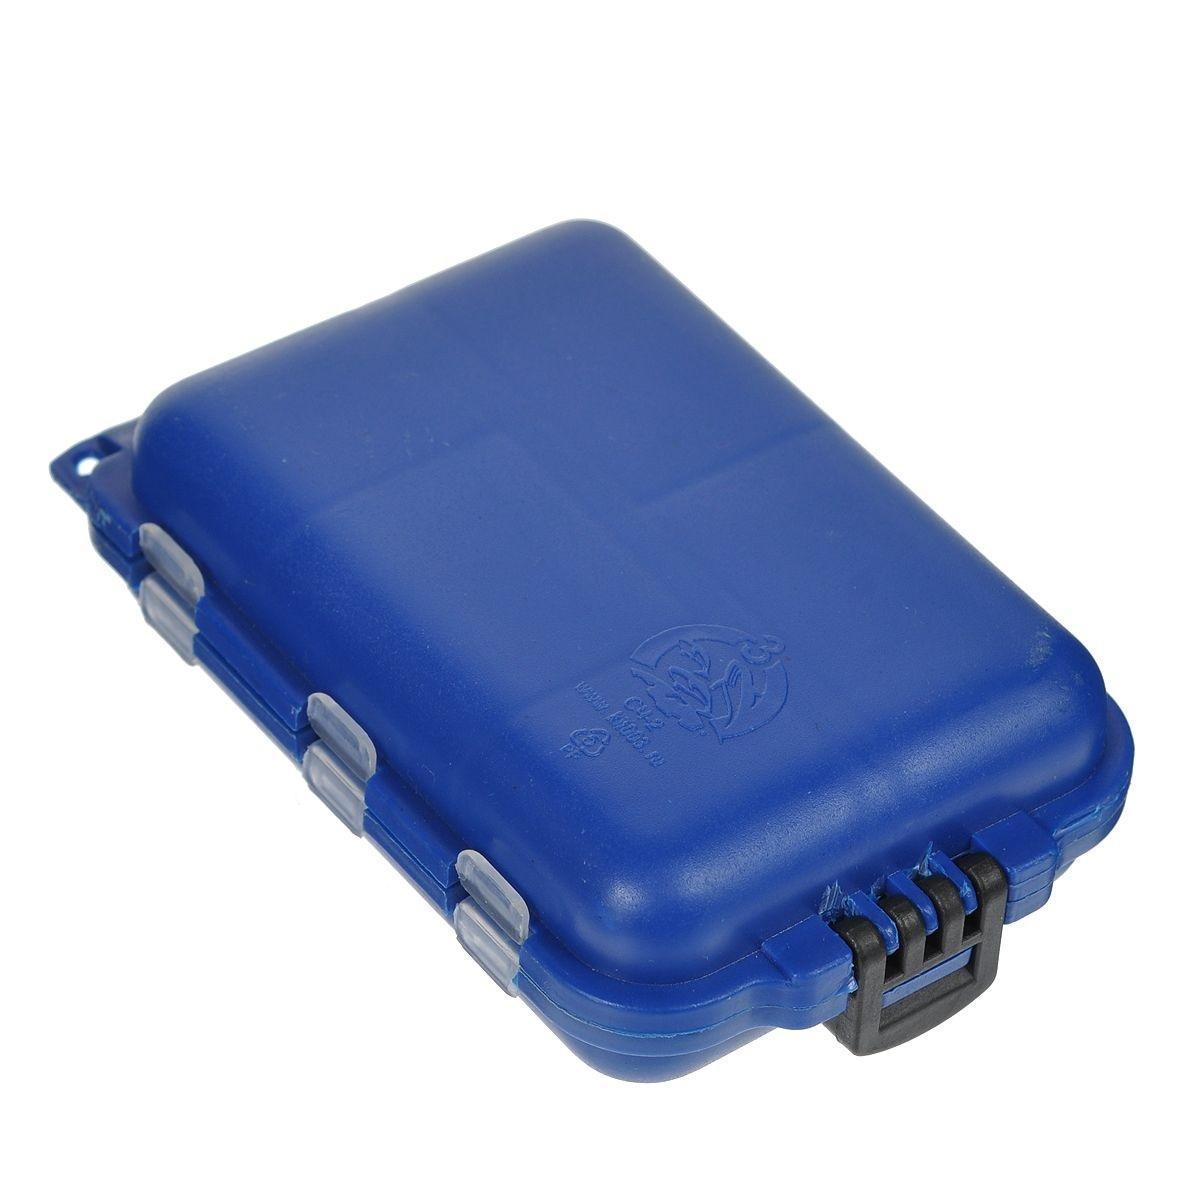 Органайзер для мелочей, двухсторонний, 9,5 х 6 х 2,5 см, цвет в ассортименте 679531 коробка для приманок три кита сч 5